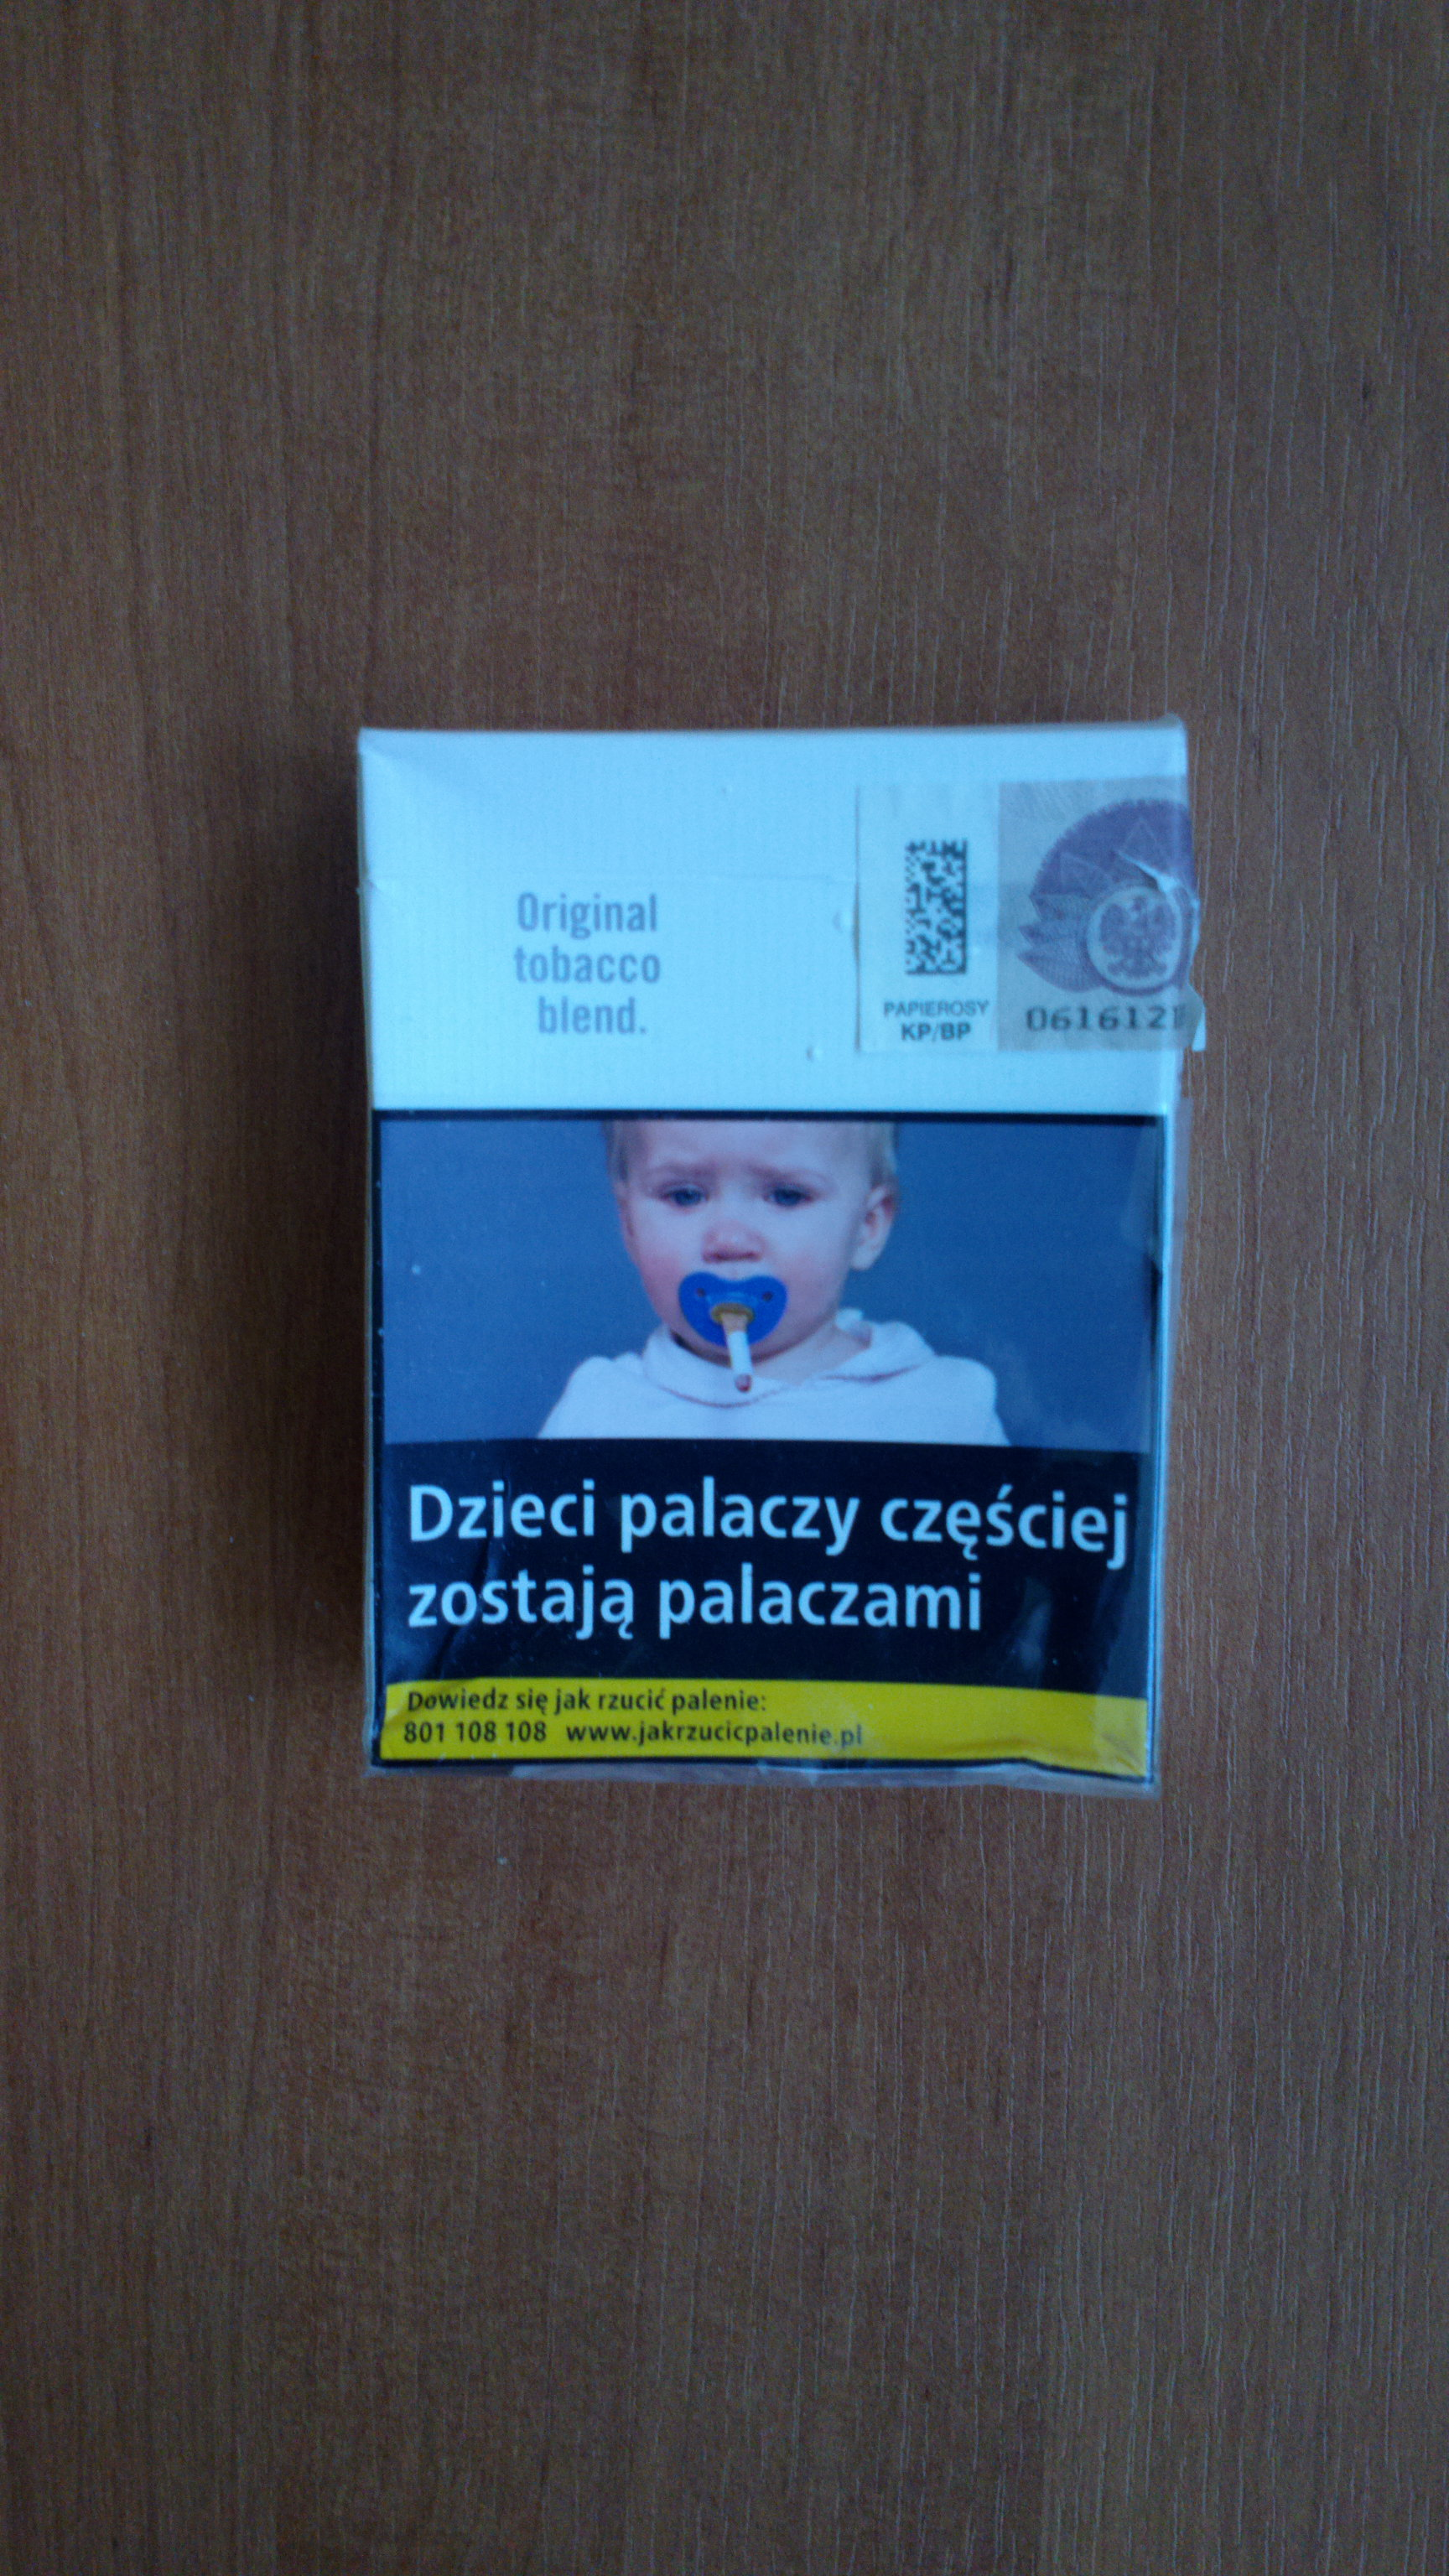 jeśli nie palący umawia się z palaczem